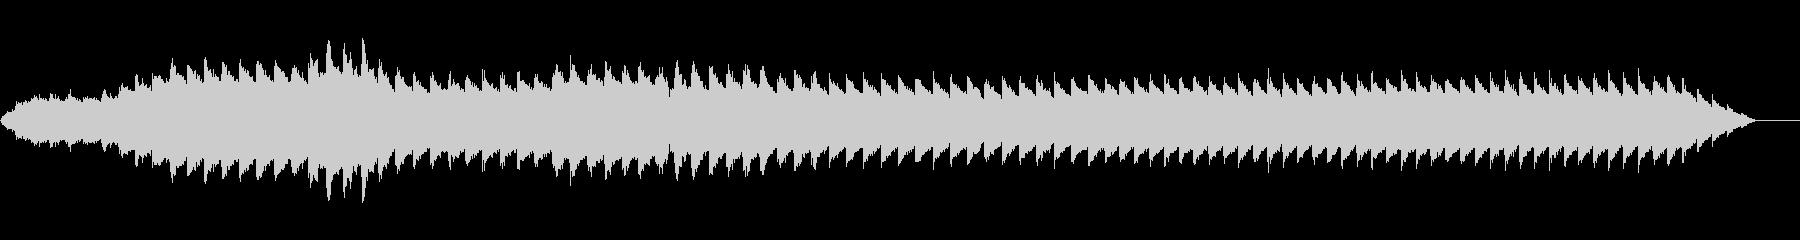 アラーム-アラーム、強力の未再生の波形